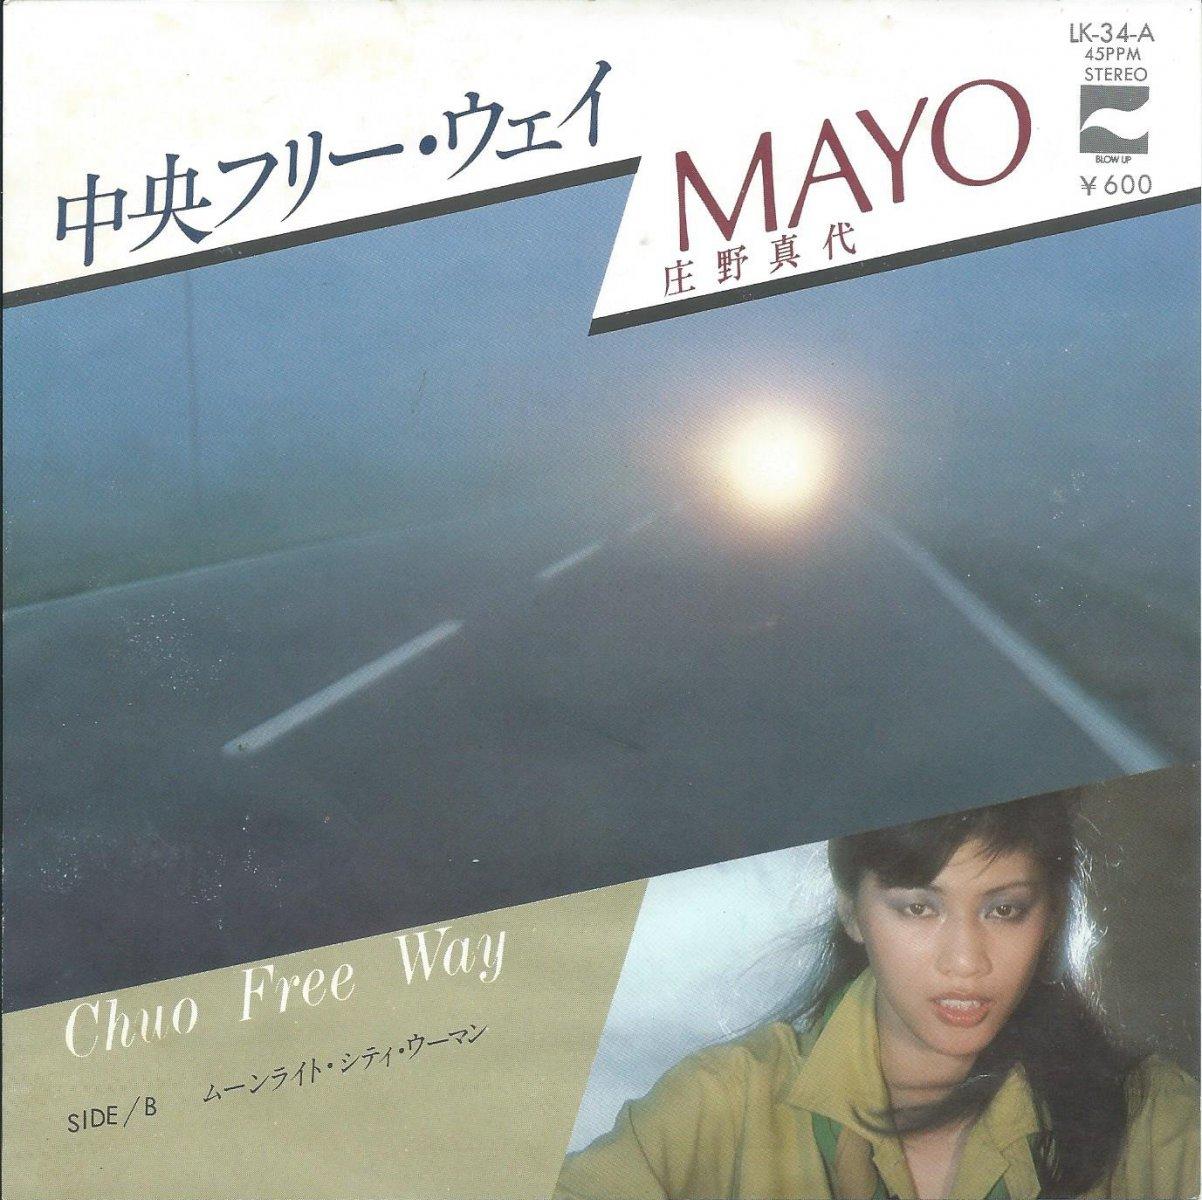 庄野真代 MAYO / 中央フリー・ウェイ CHUO FREE WAY (7